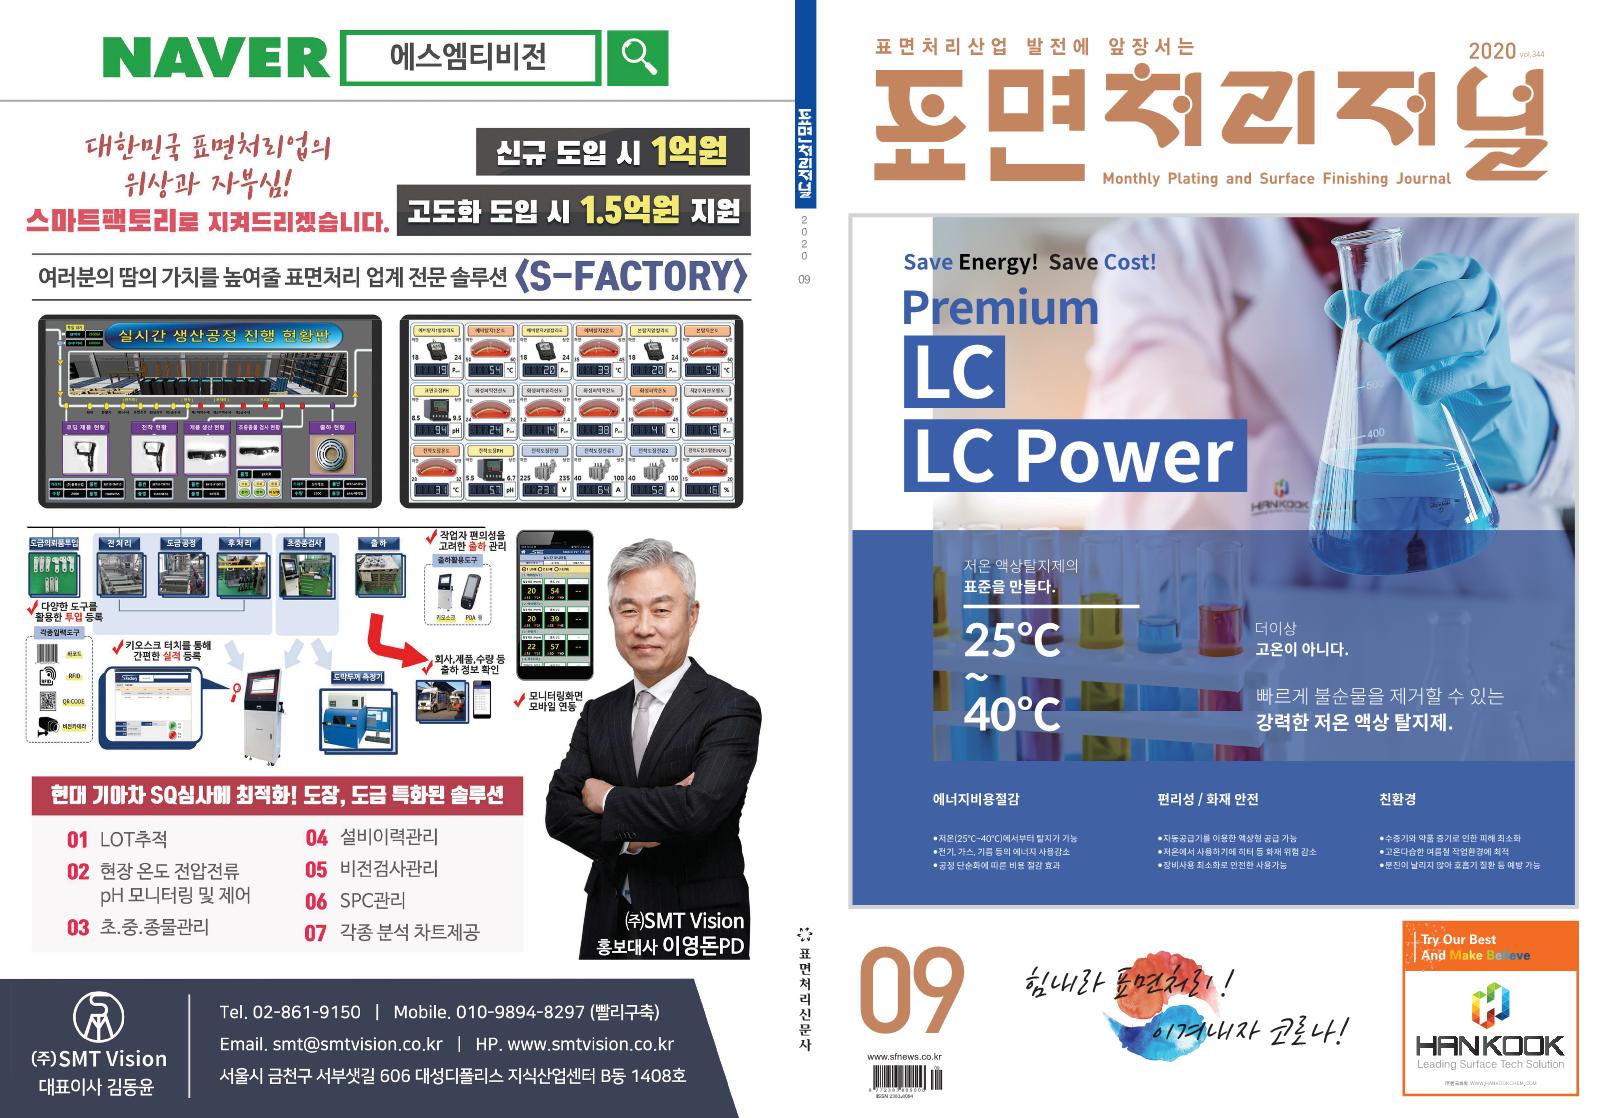 2009 표면처리저널 (SMT 광고, 기고)_1.png